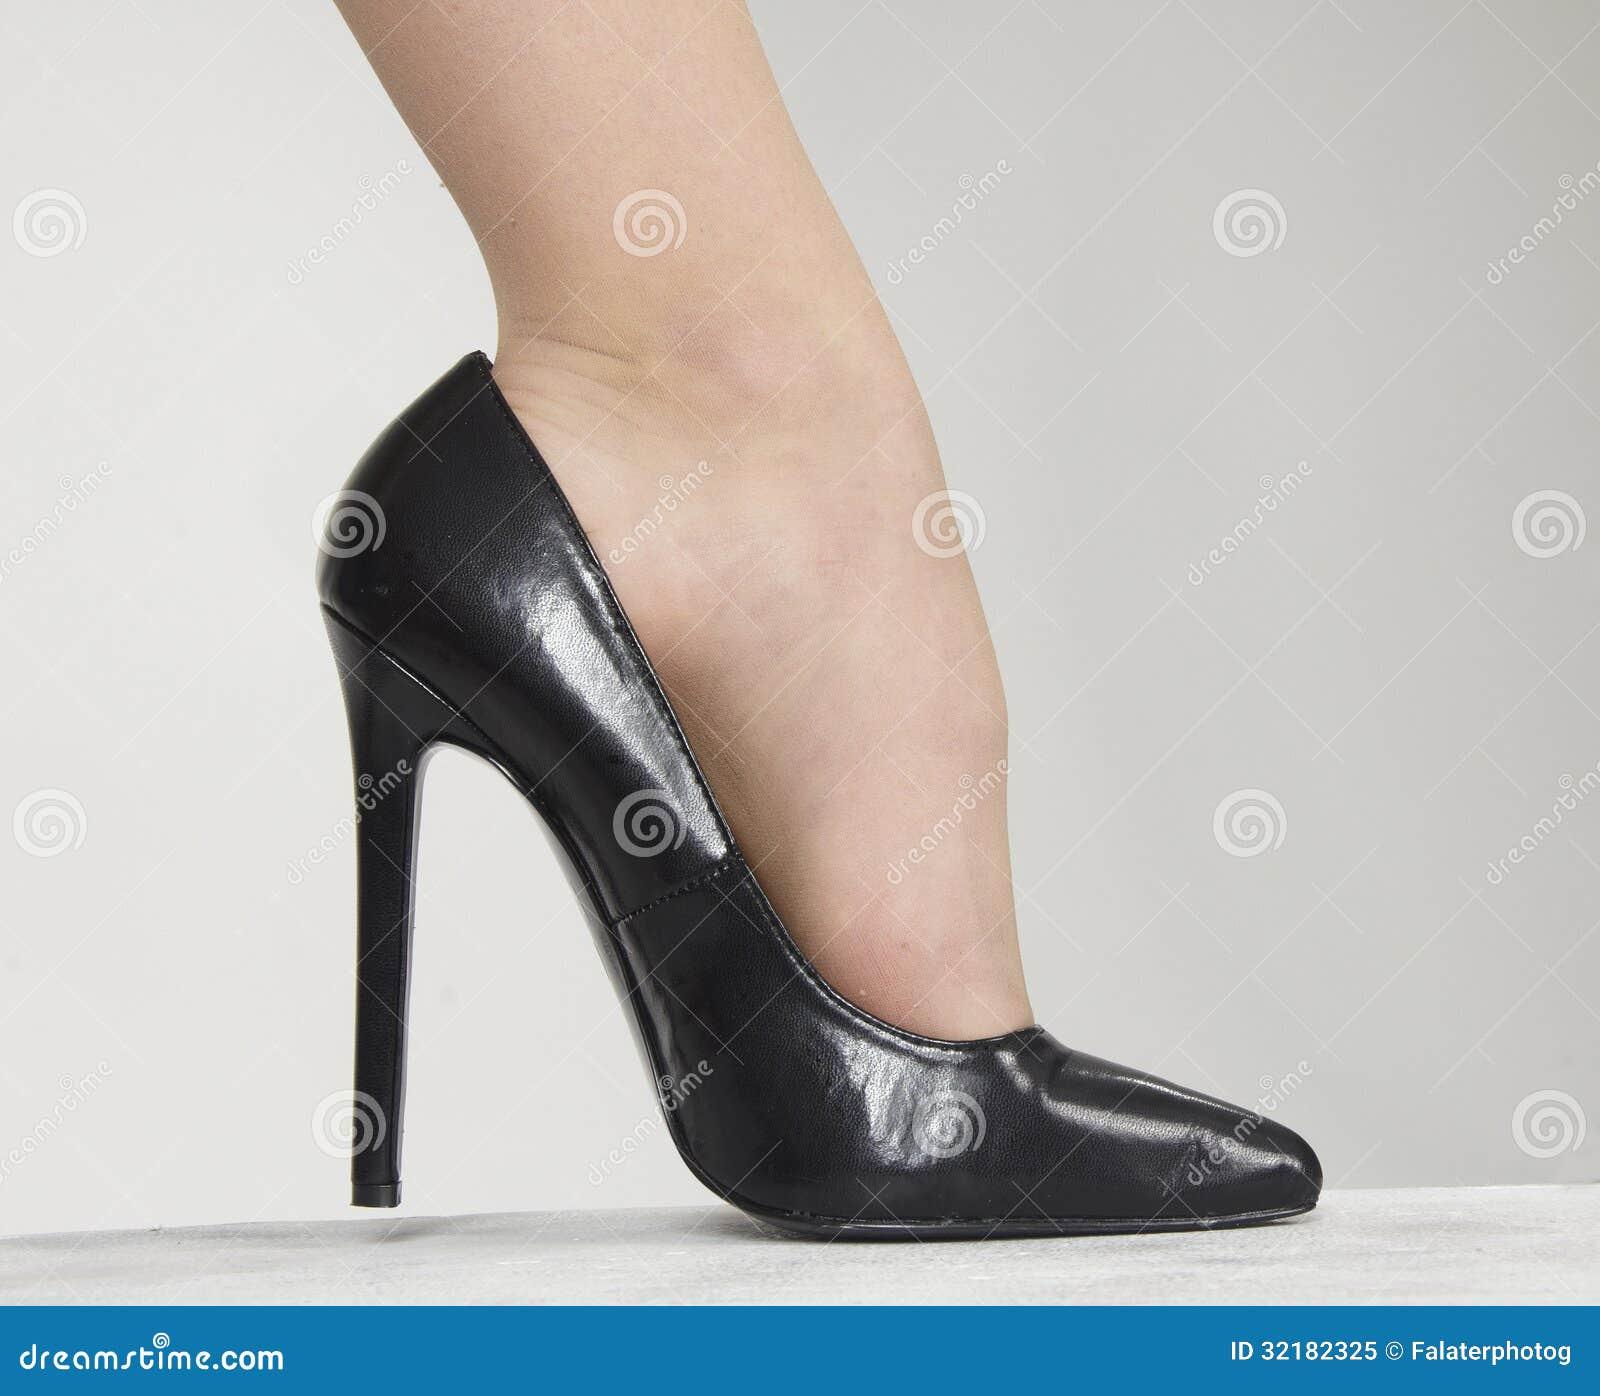 1 Foot Rug